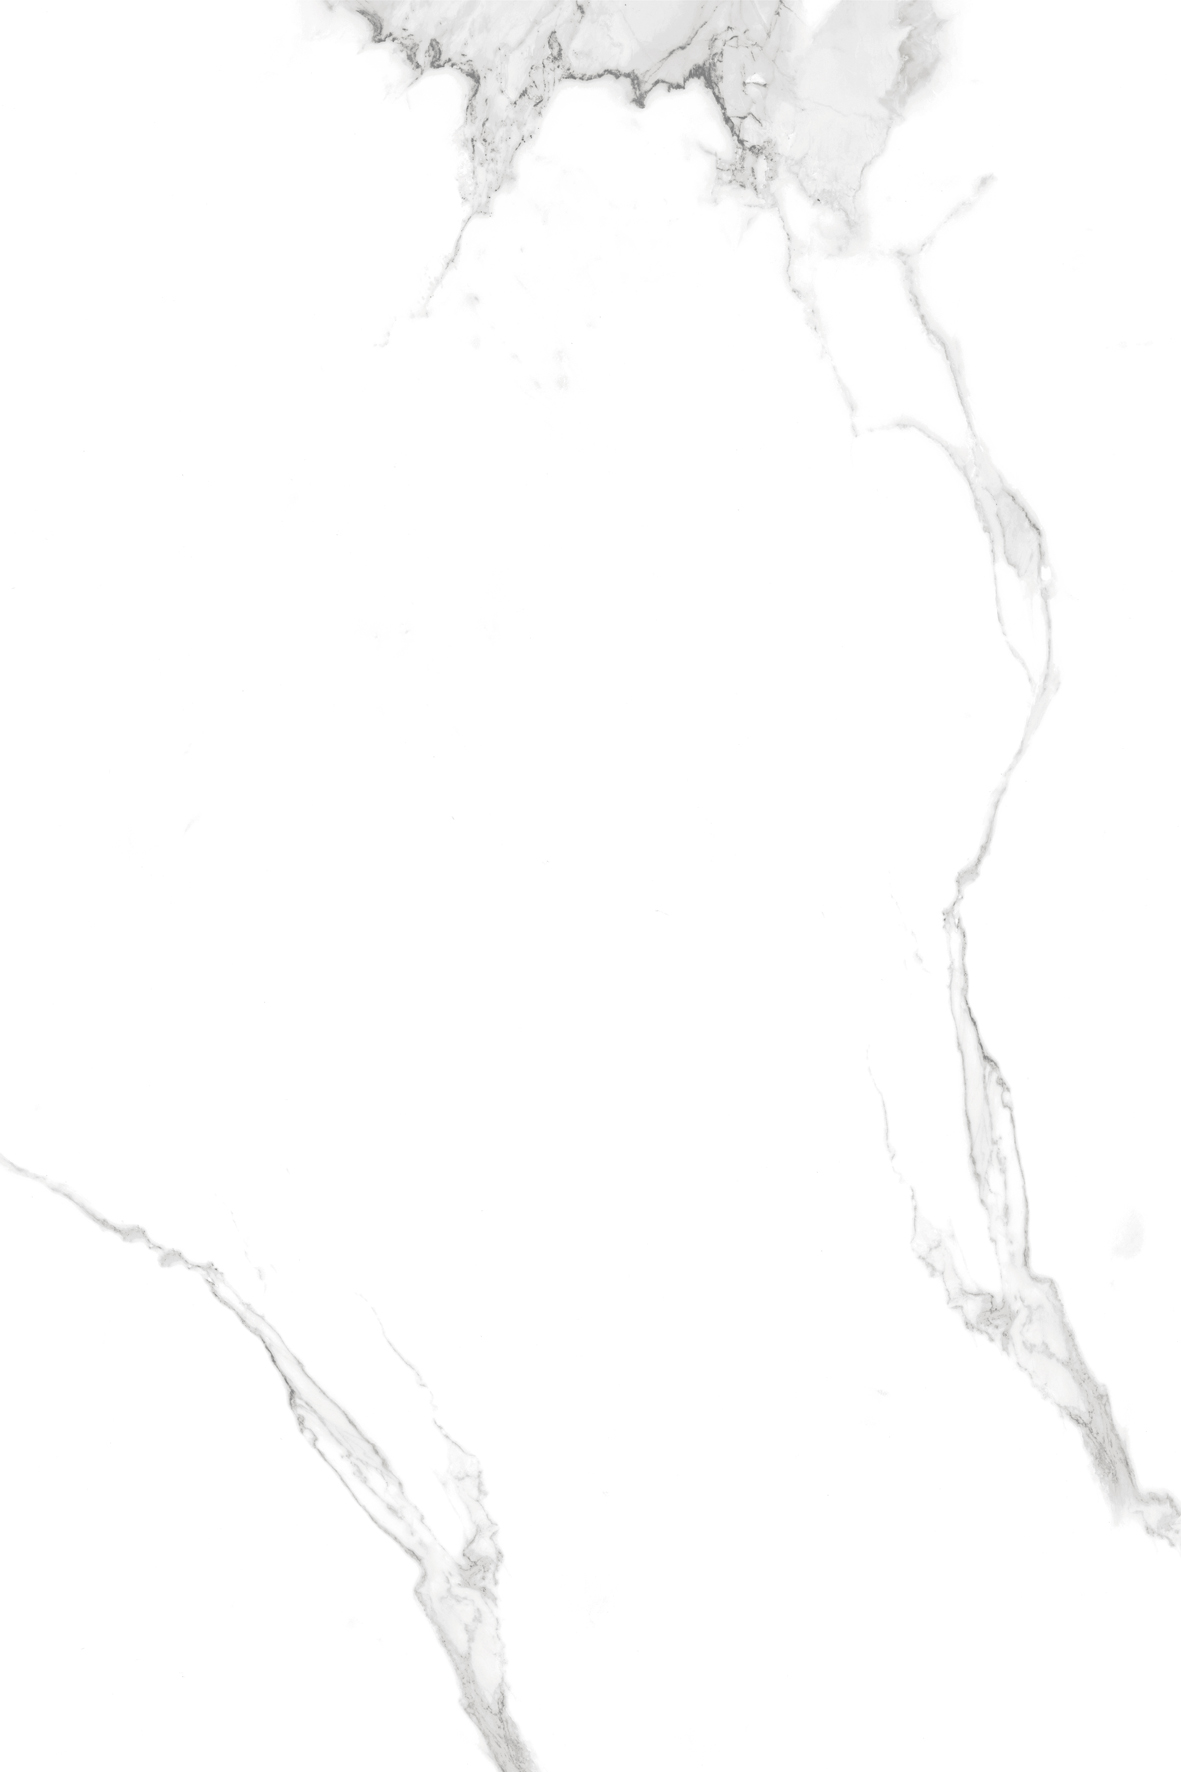 冠珠瓷磚極品卡拉拉大理石高清貼圖【ID:236600300】